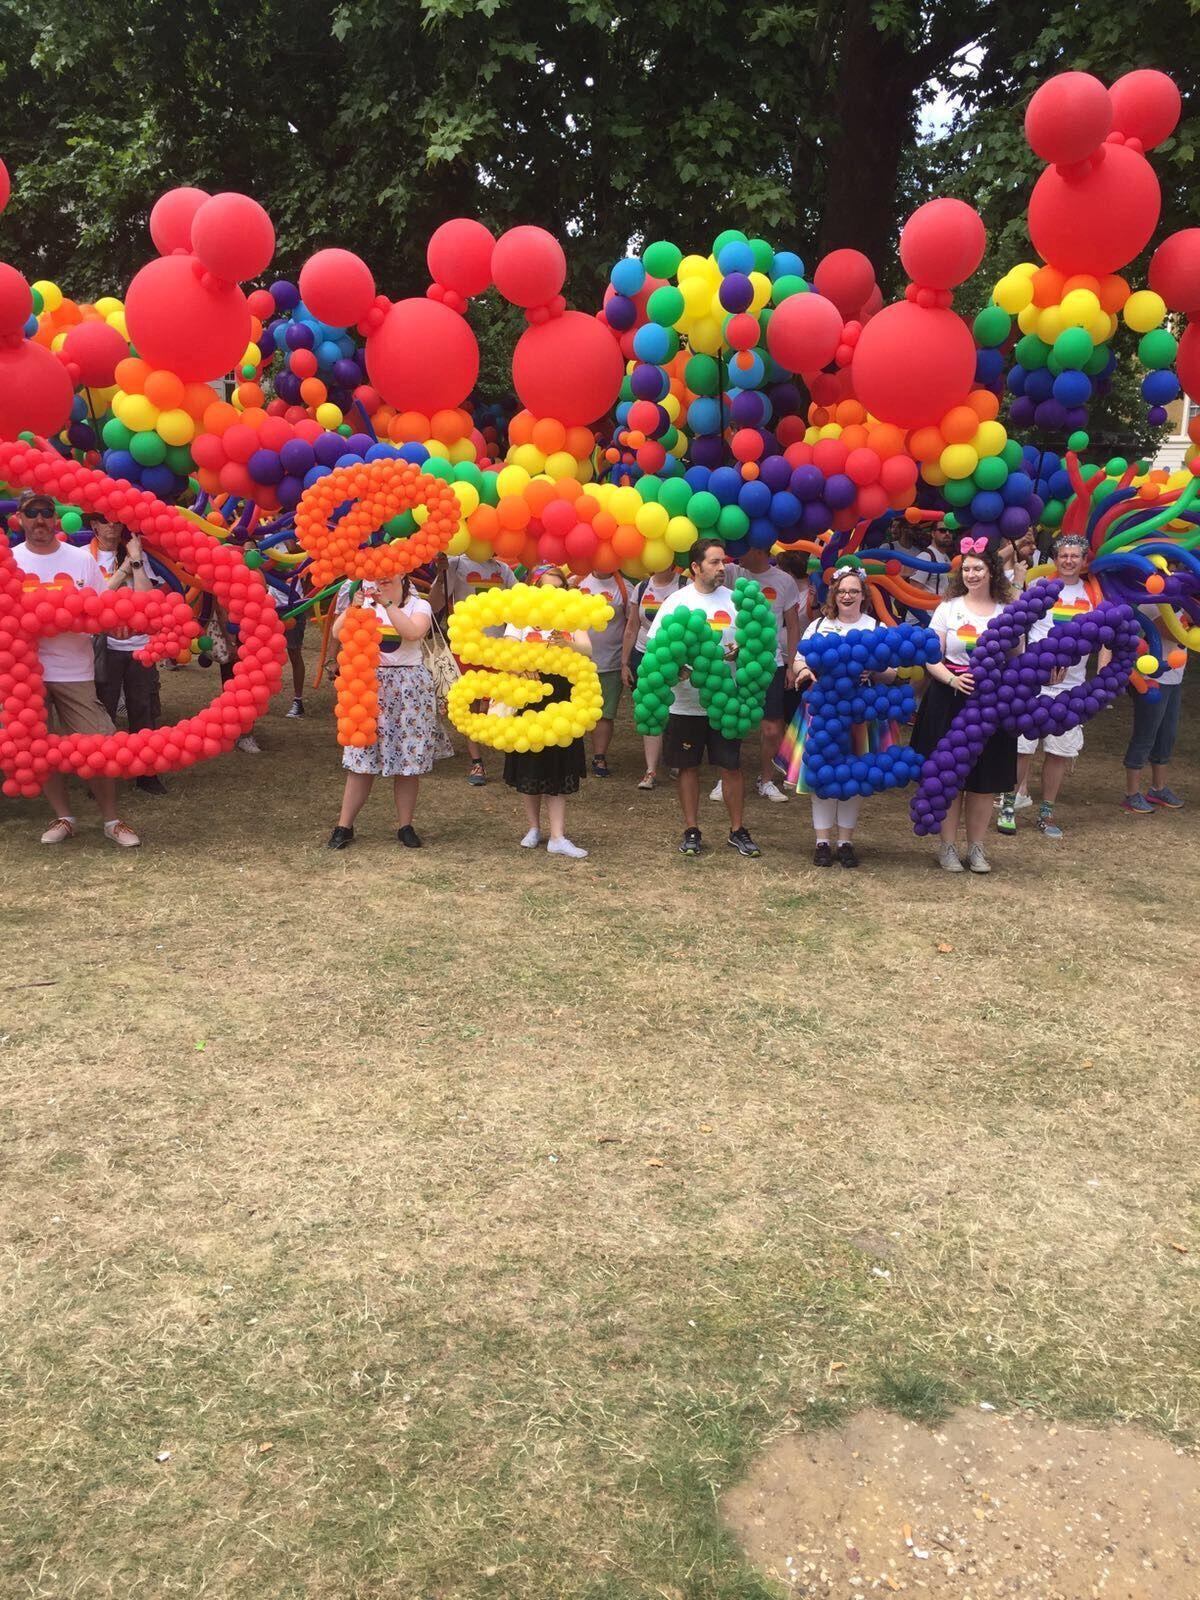 Disney's Pride Balloons